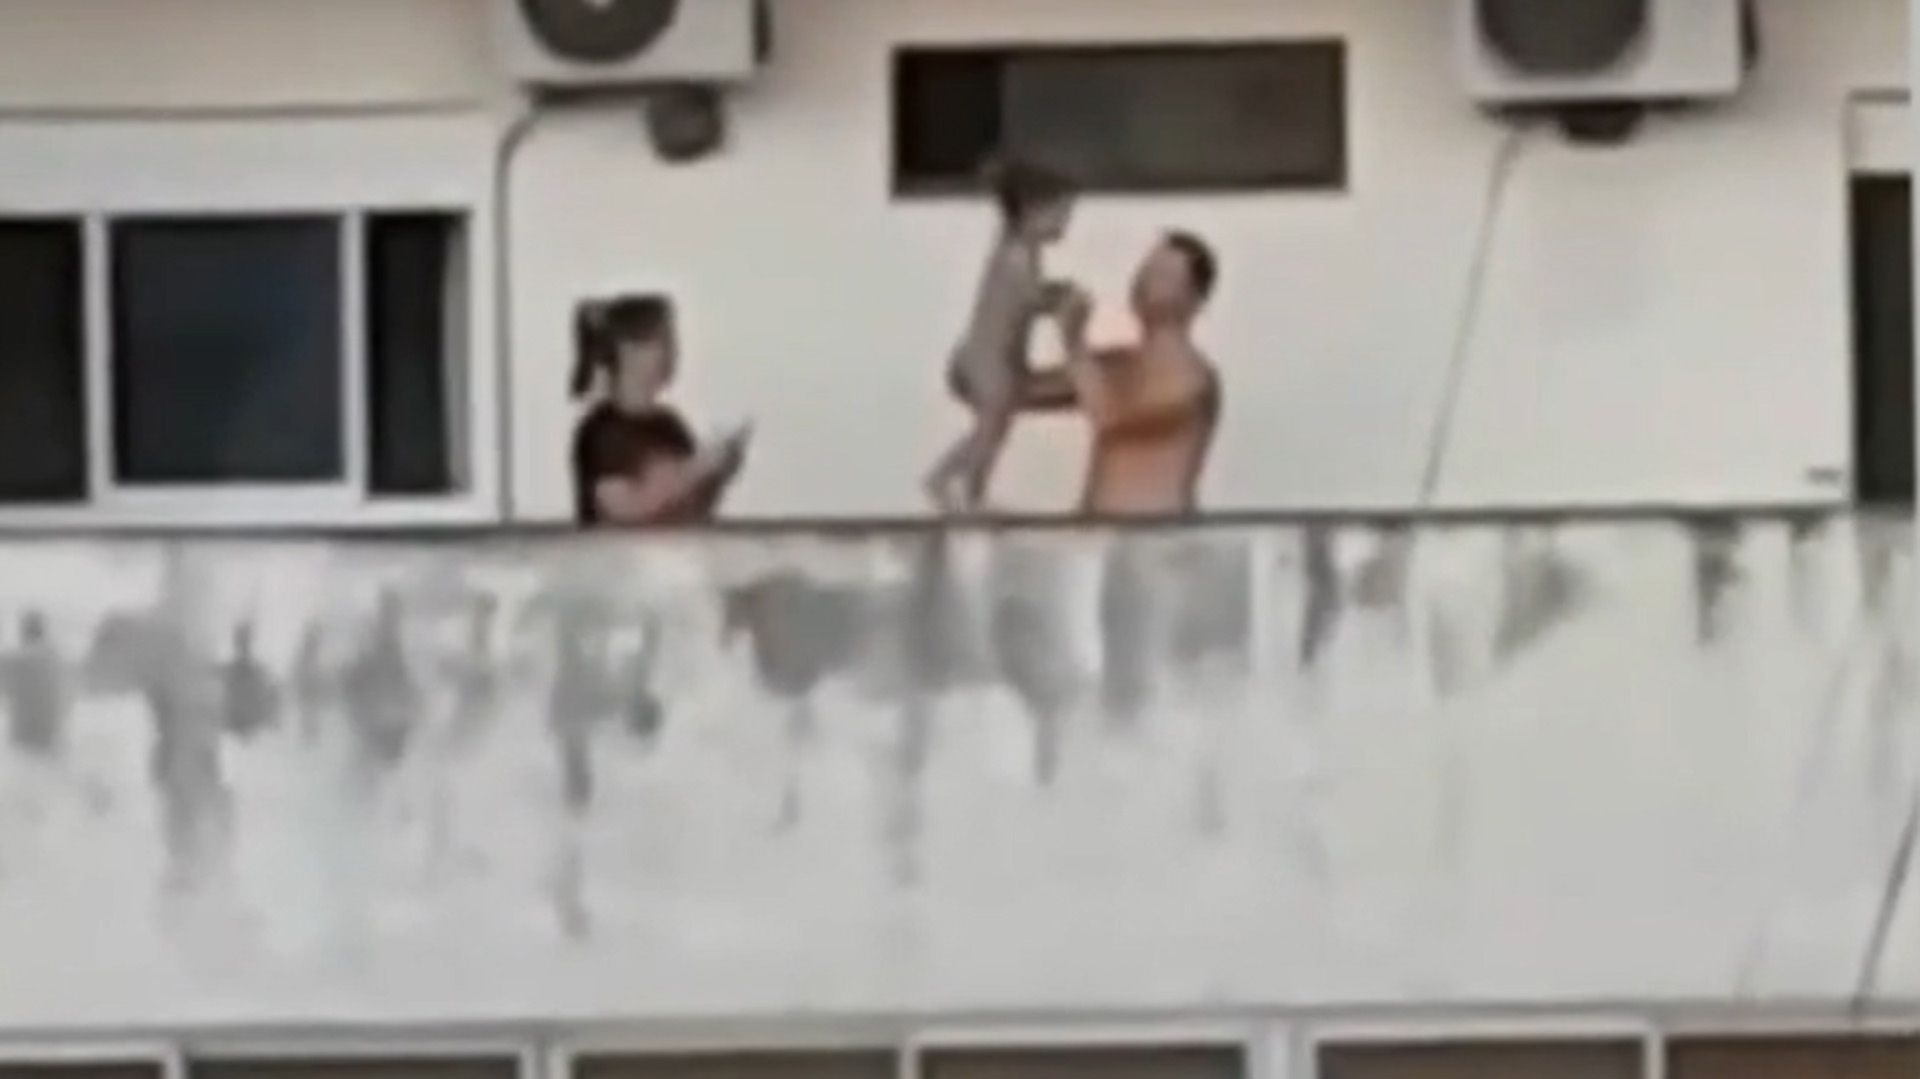 La beba aparece caminando en el video sobre el balcón del contrafrente de un edificio en Caballito